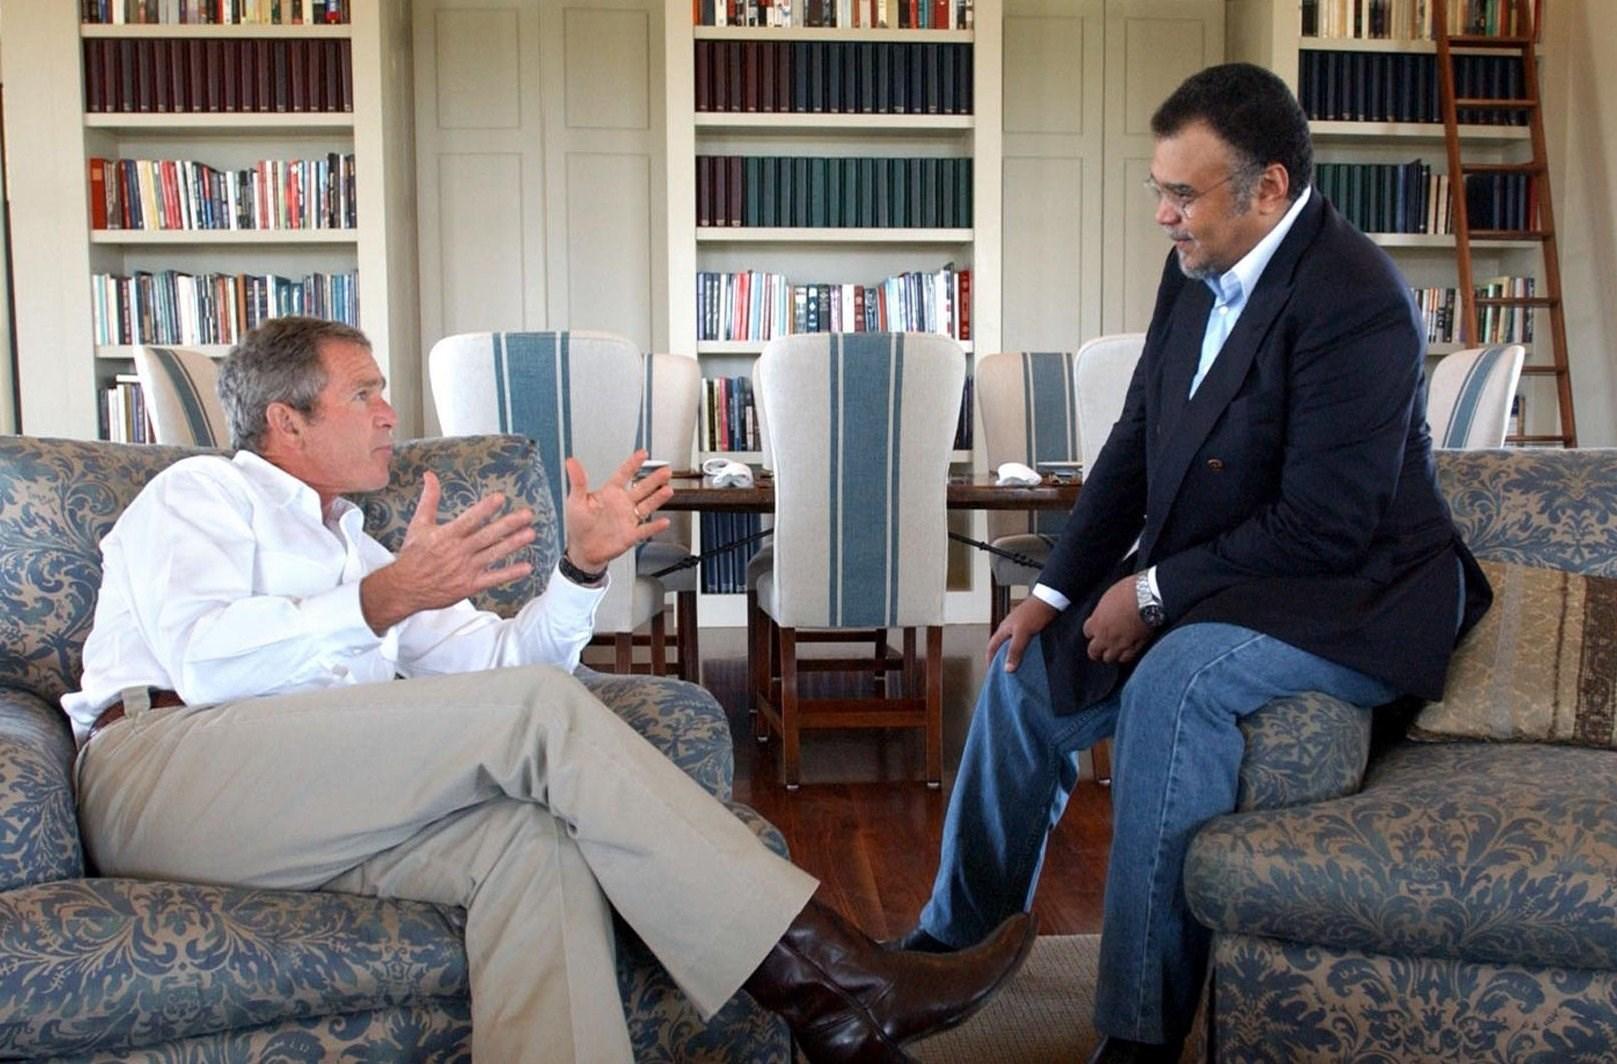 بندر بن سلطان مع الرئيس الأميركي جورج بوش الإبن في منزل بوش في تكساس في 2002.